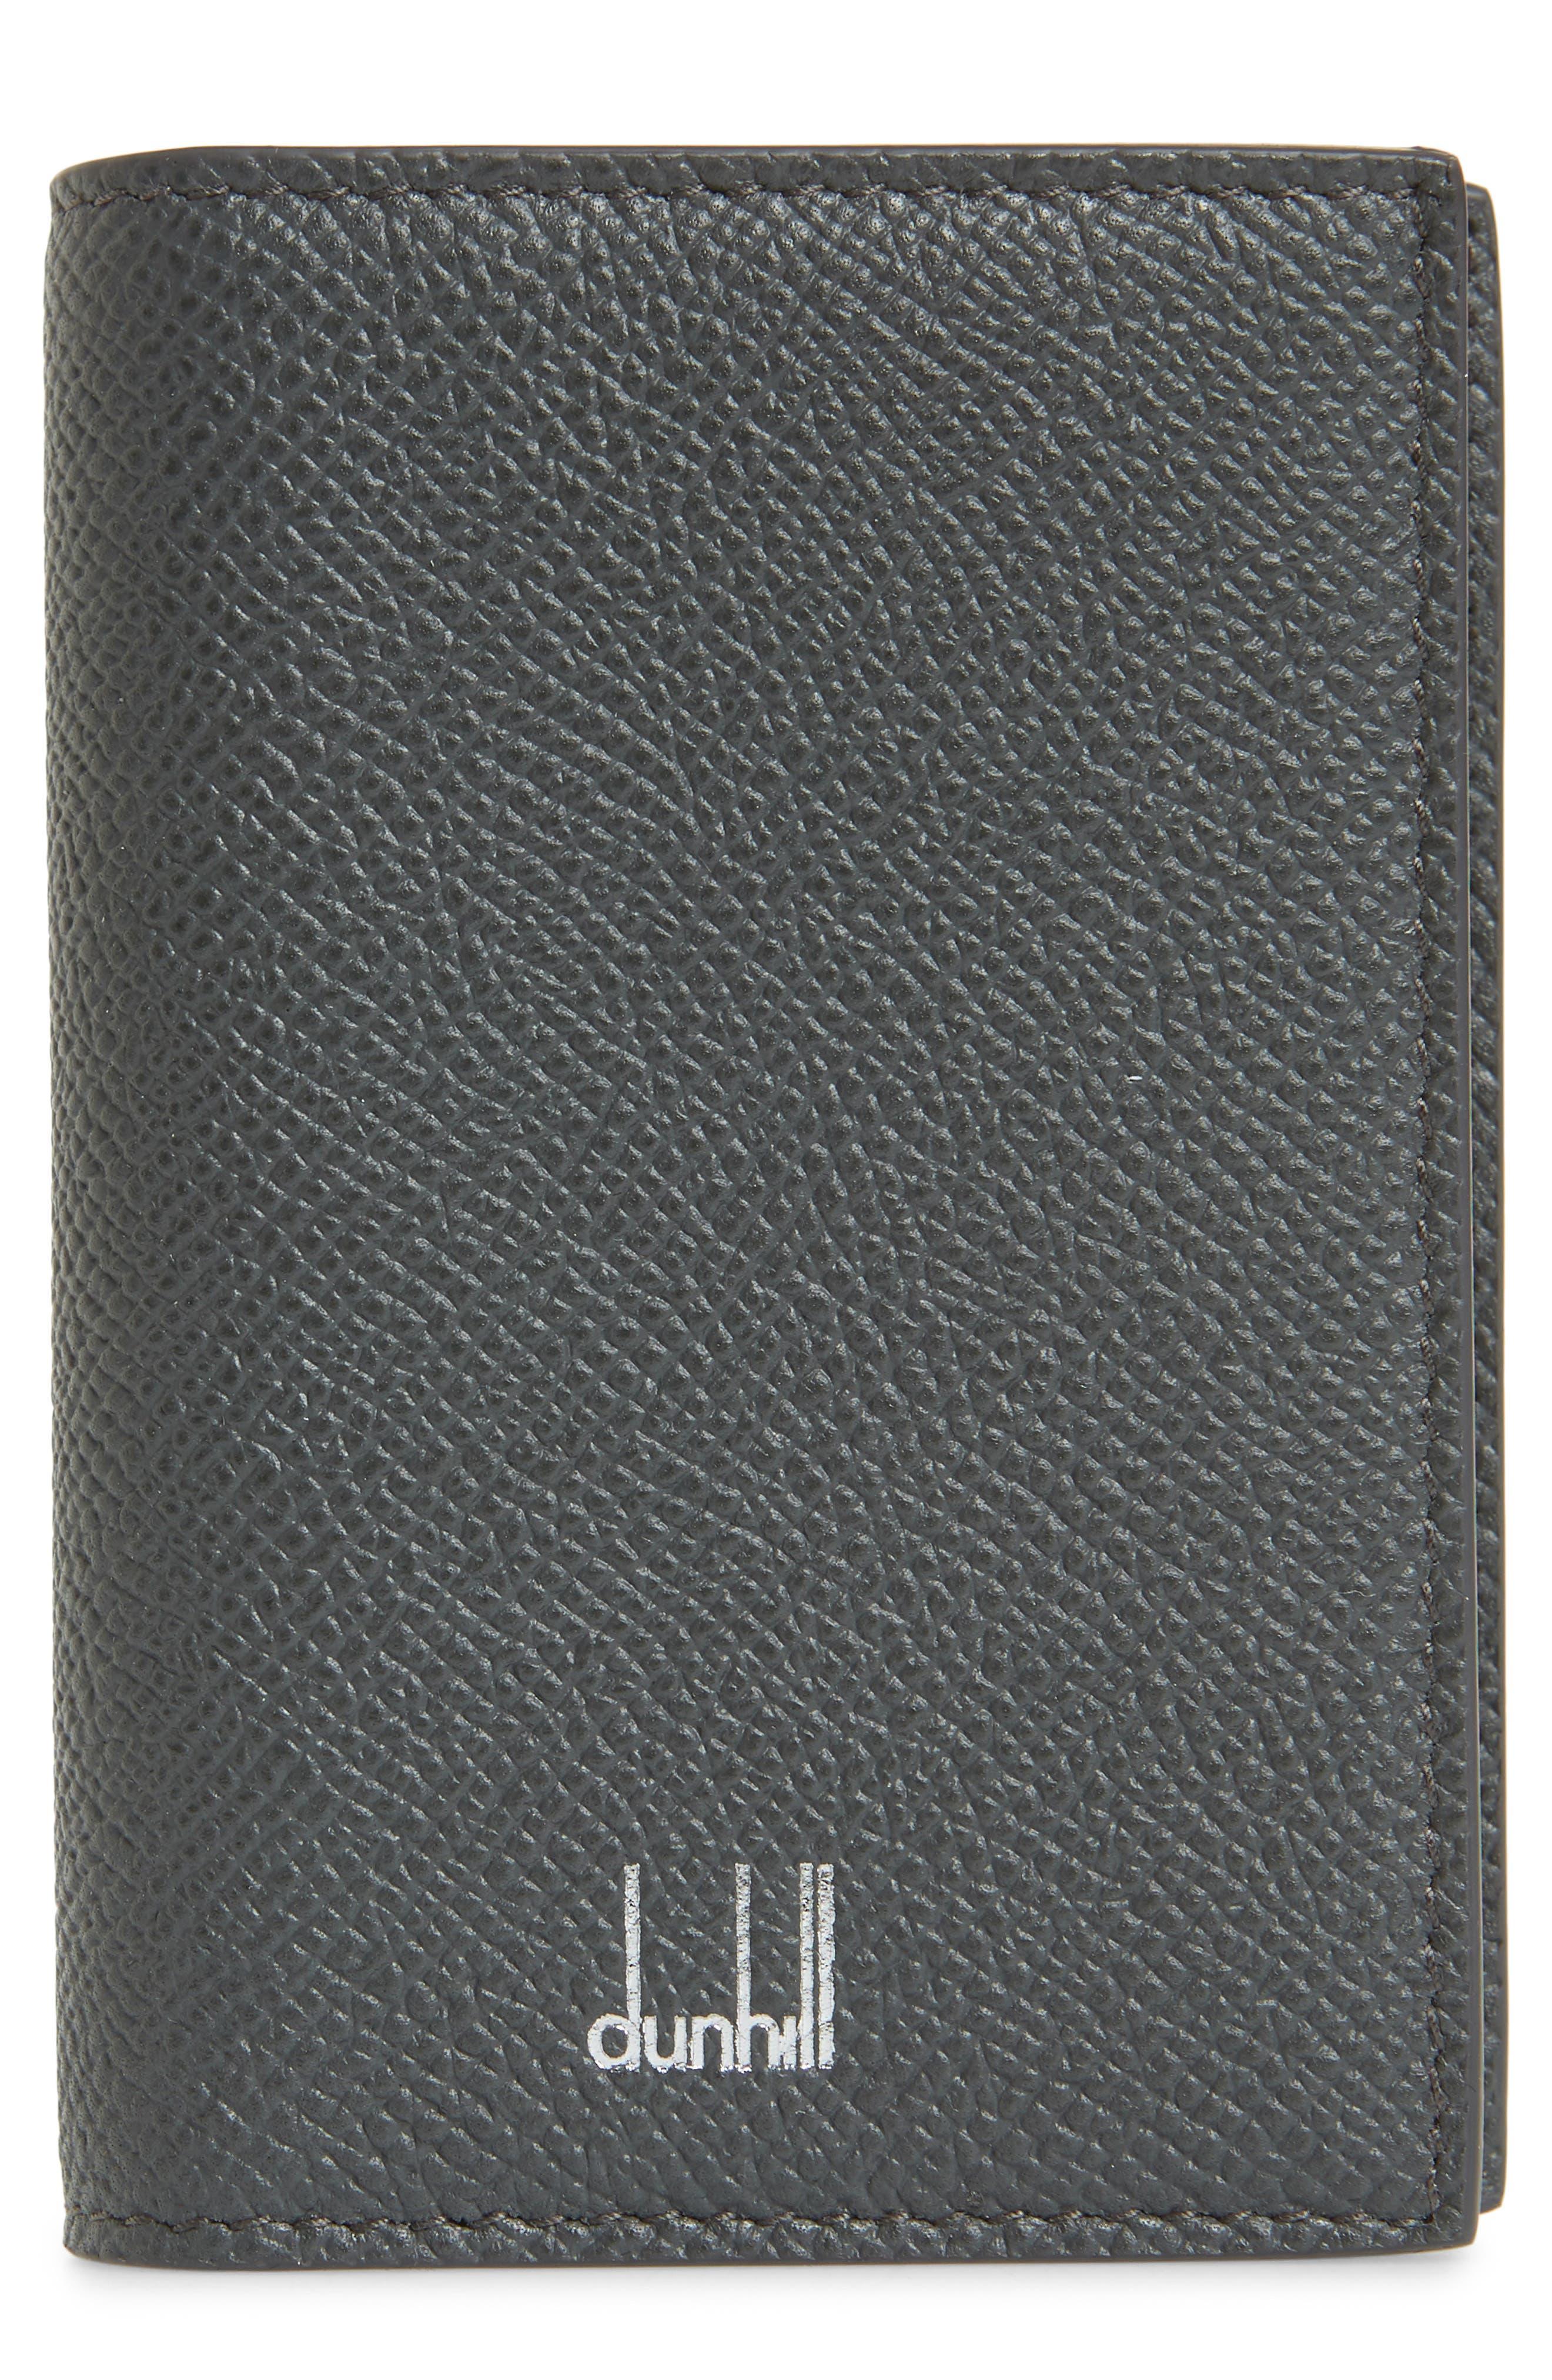 Cadogan Card Case,                         Main,                         color, GREY